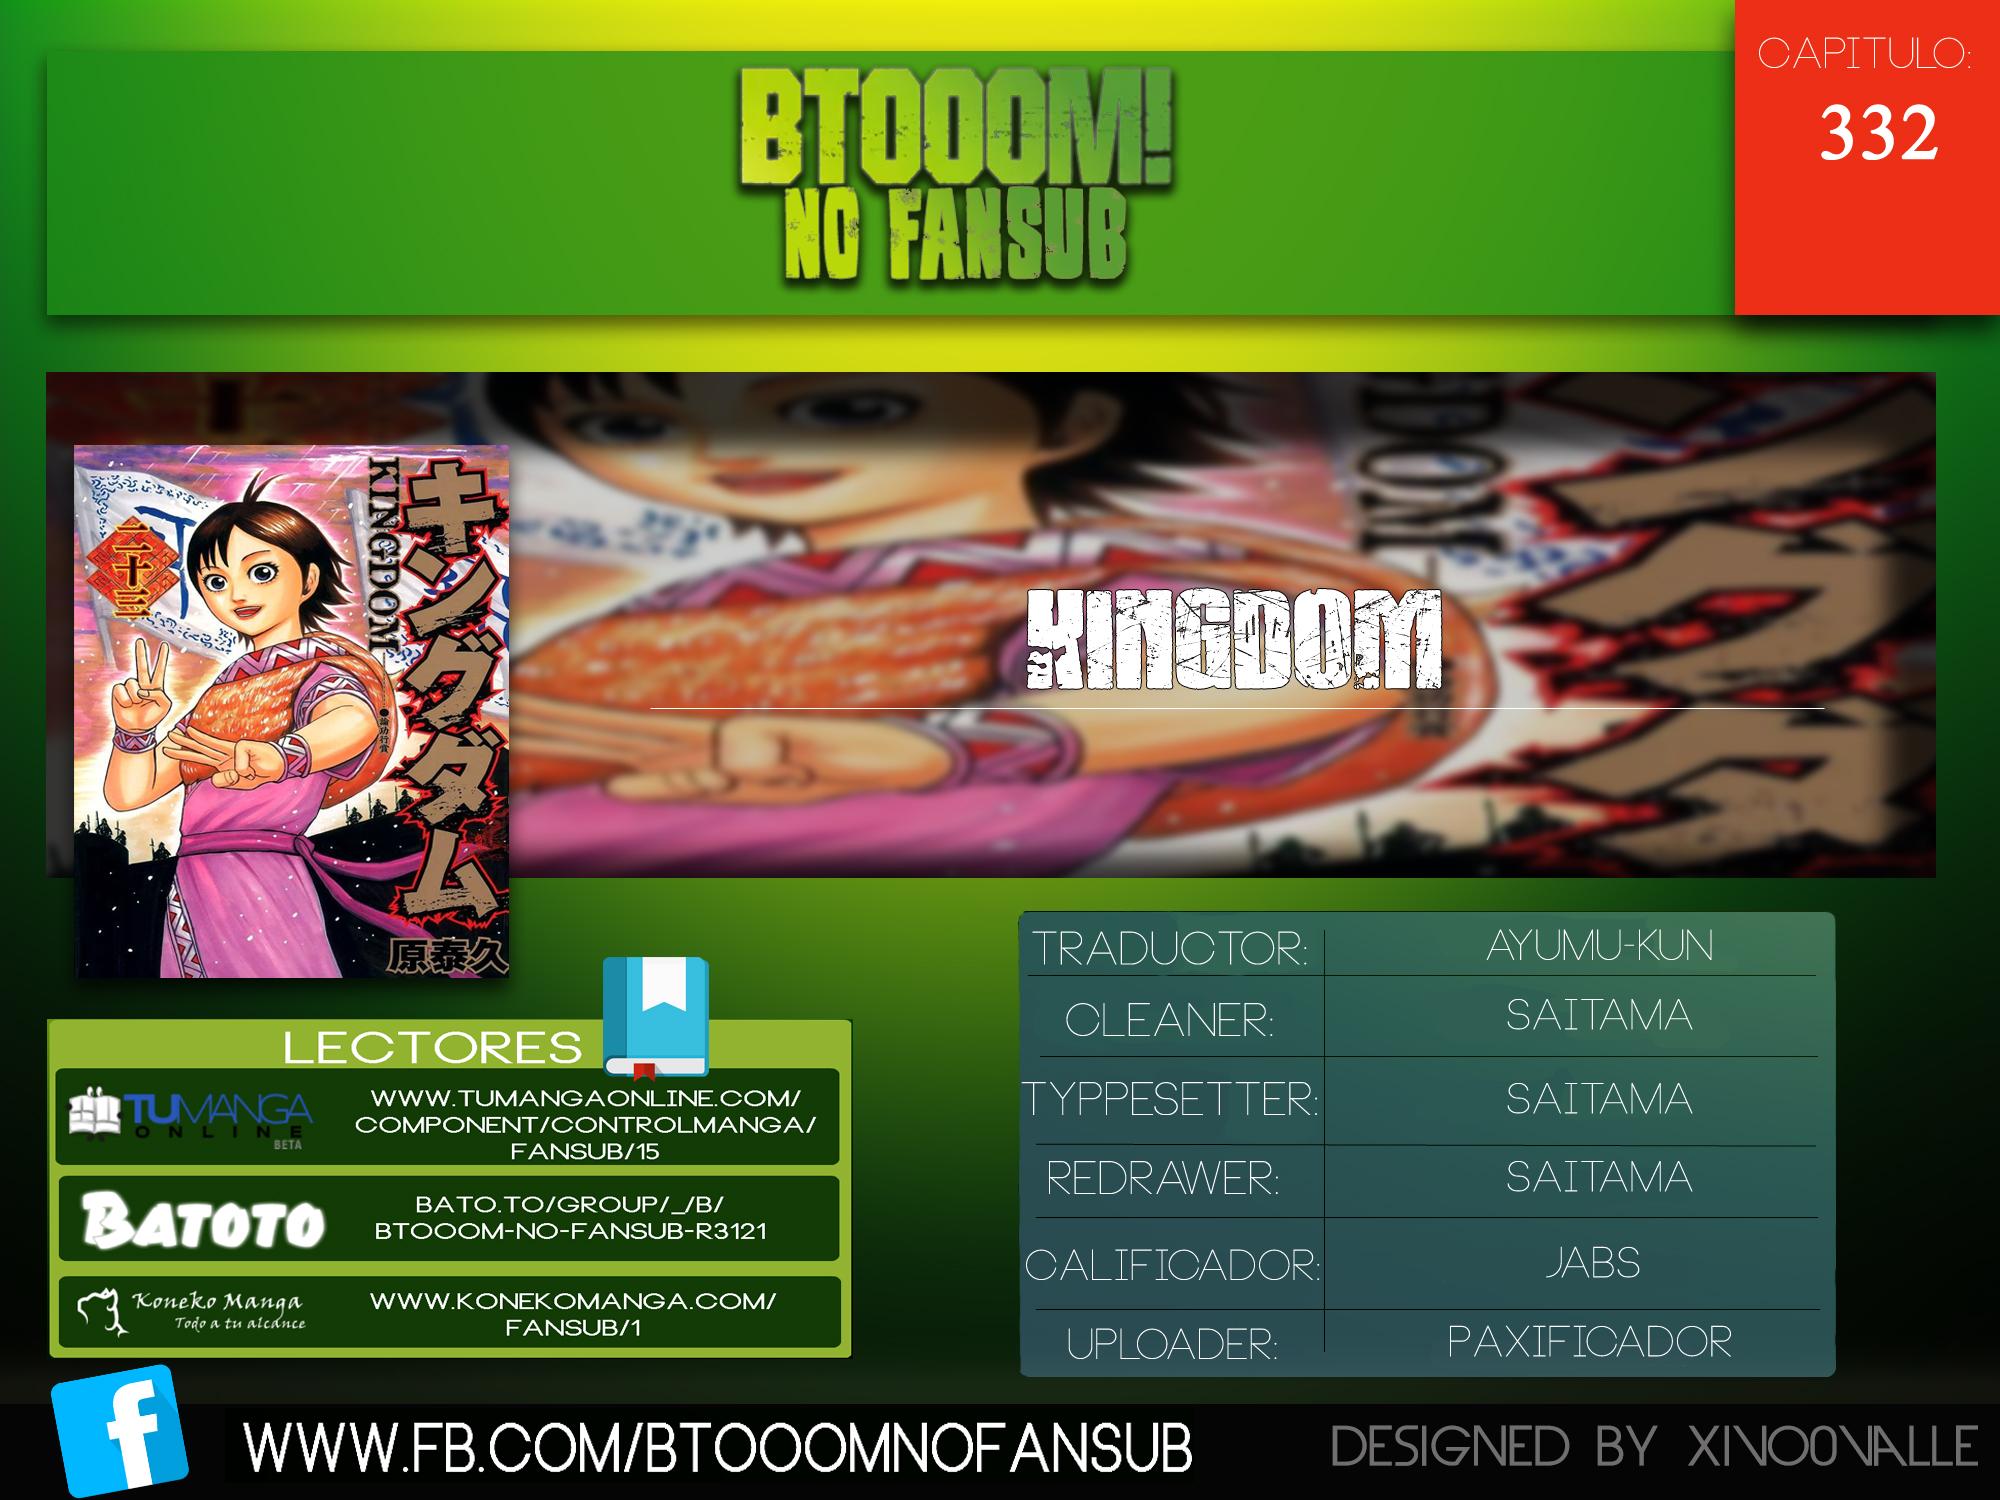 http://c5.ninemanga.com/es_manga/19/12307/360915/1b28541feabf27cf9c19621c95ea5c7a.jpg Page 1